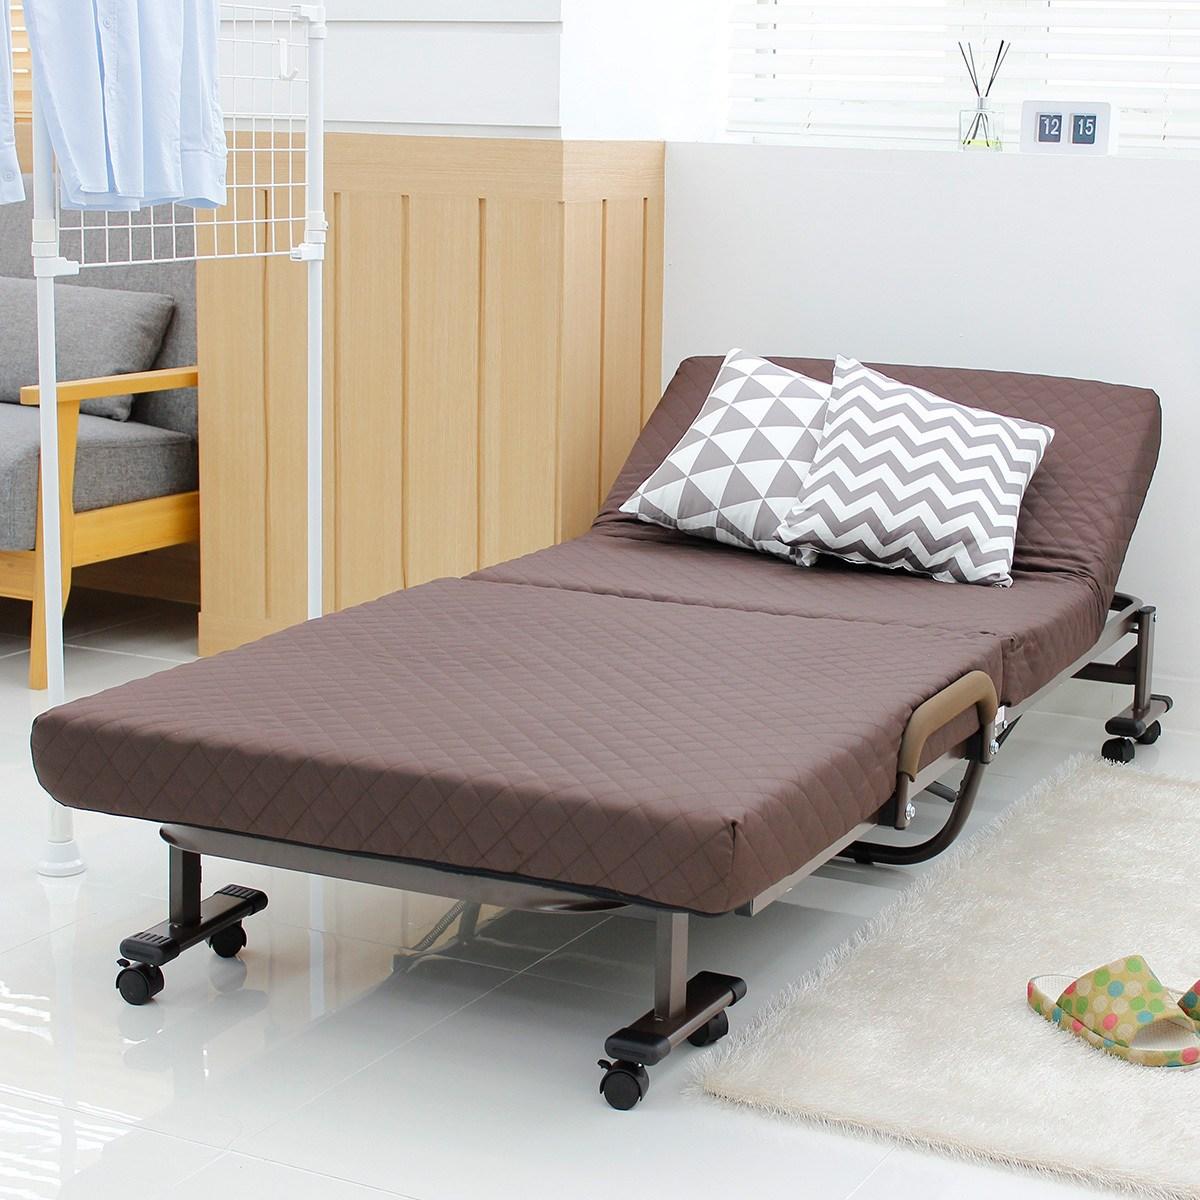 아이리스 접이식 침대 Iris Foldable Bed